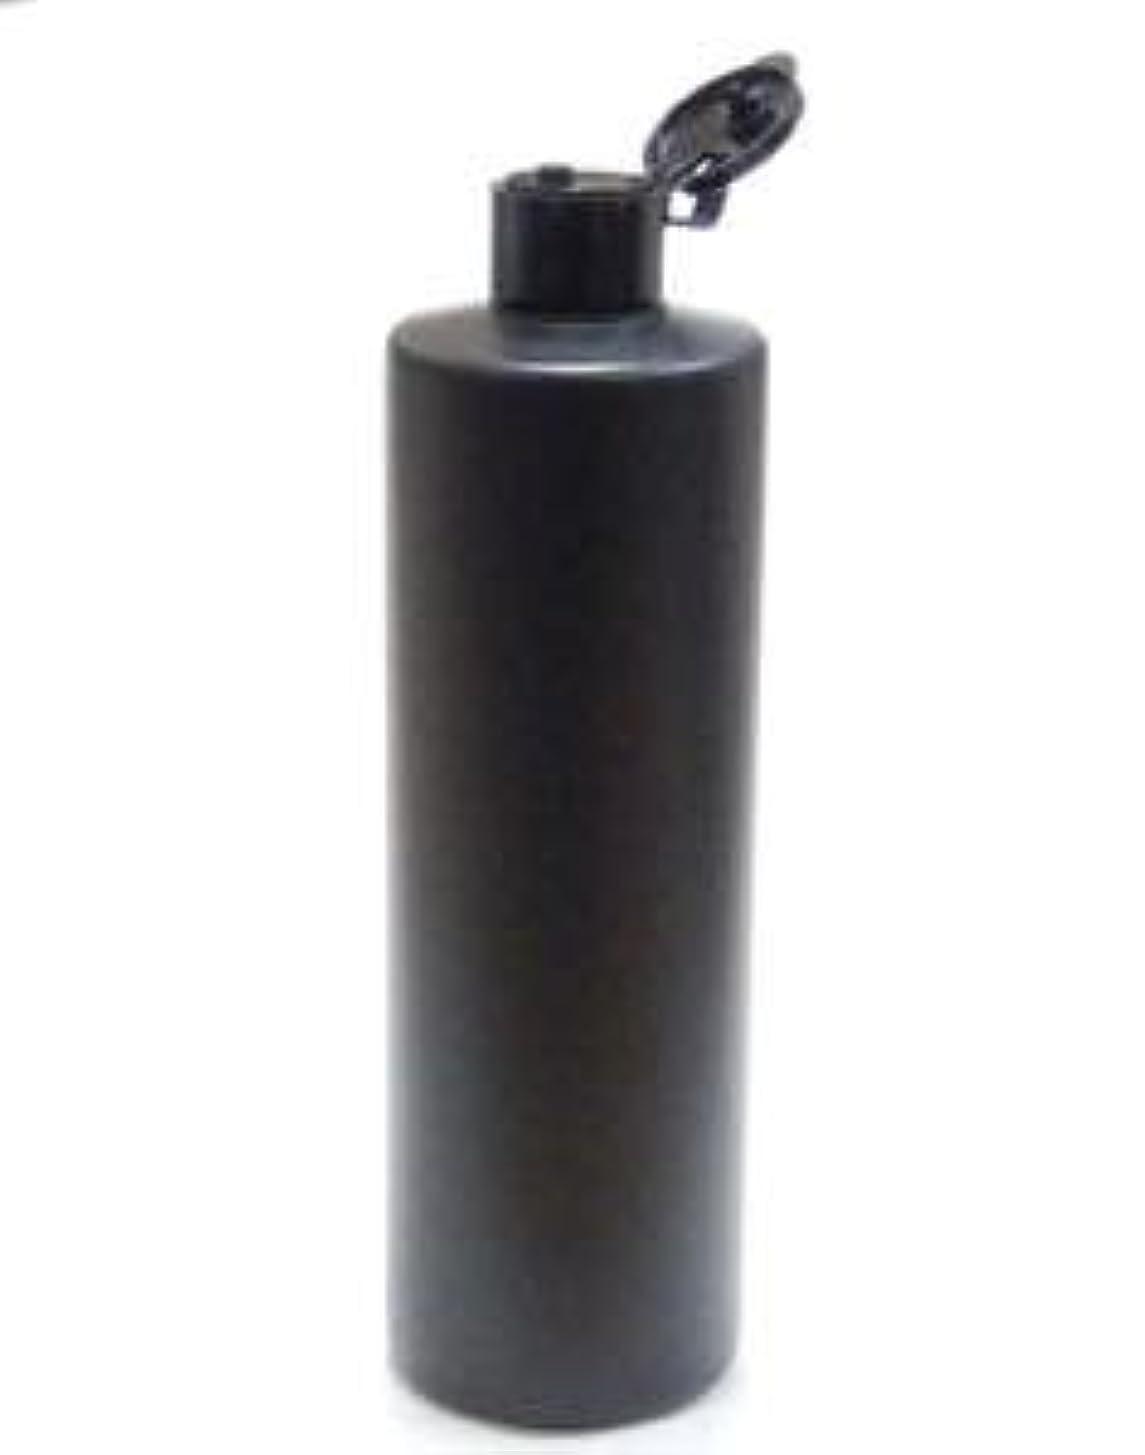 天使強制警告するプラスチック容器 500mL PE ストレートボトル 遮光黒【ヒンジキャップ:ブラック】